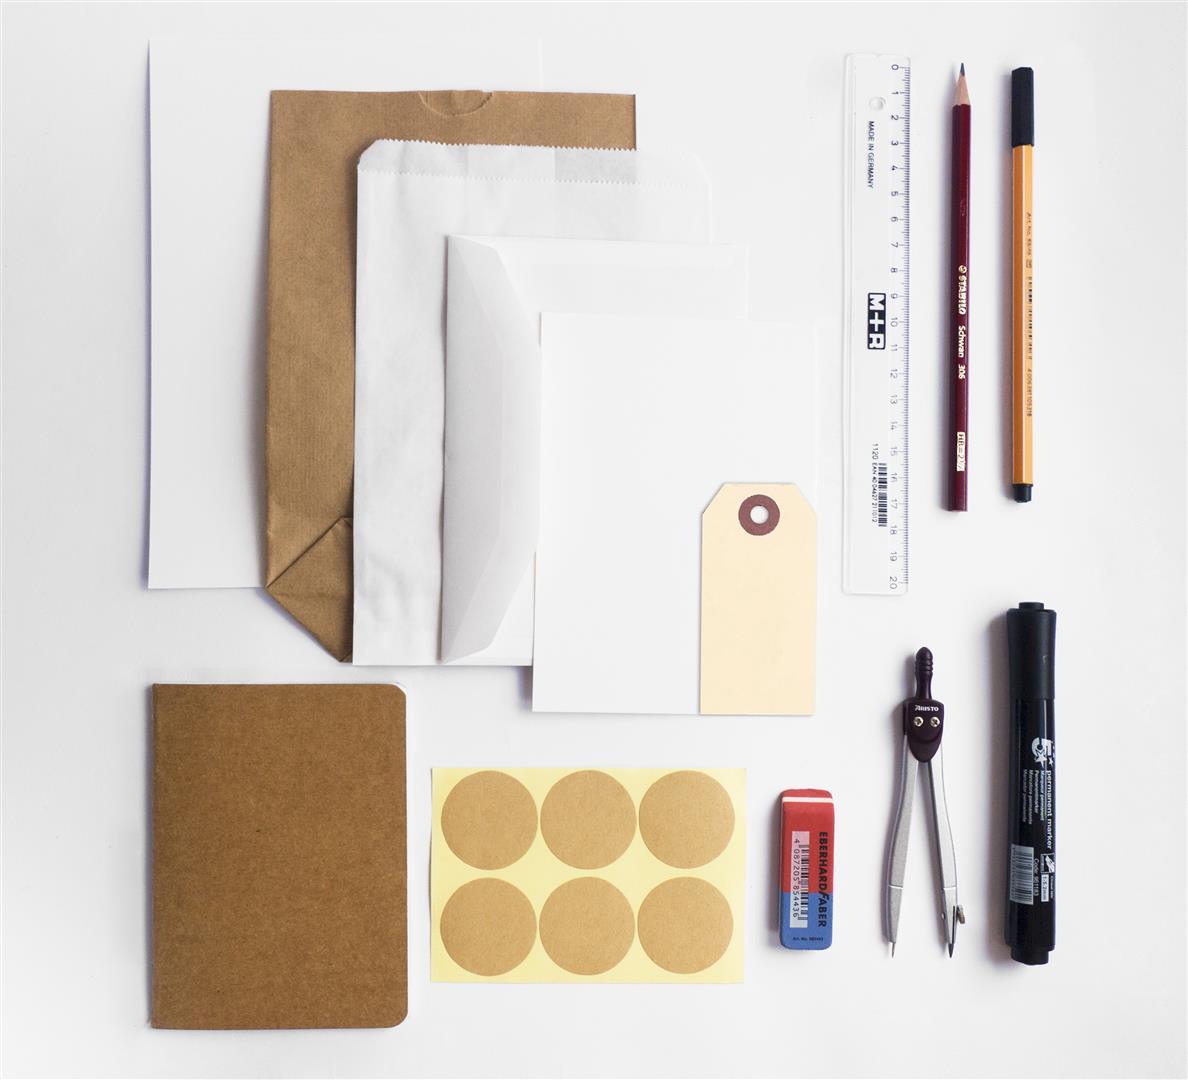 Inhoud van het Handlettering DIY Pakket